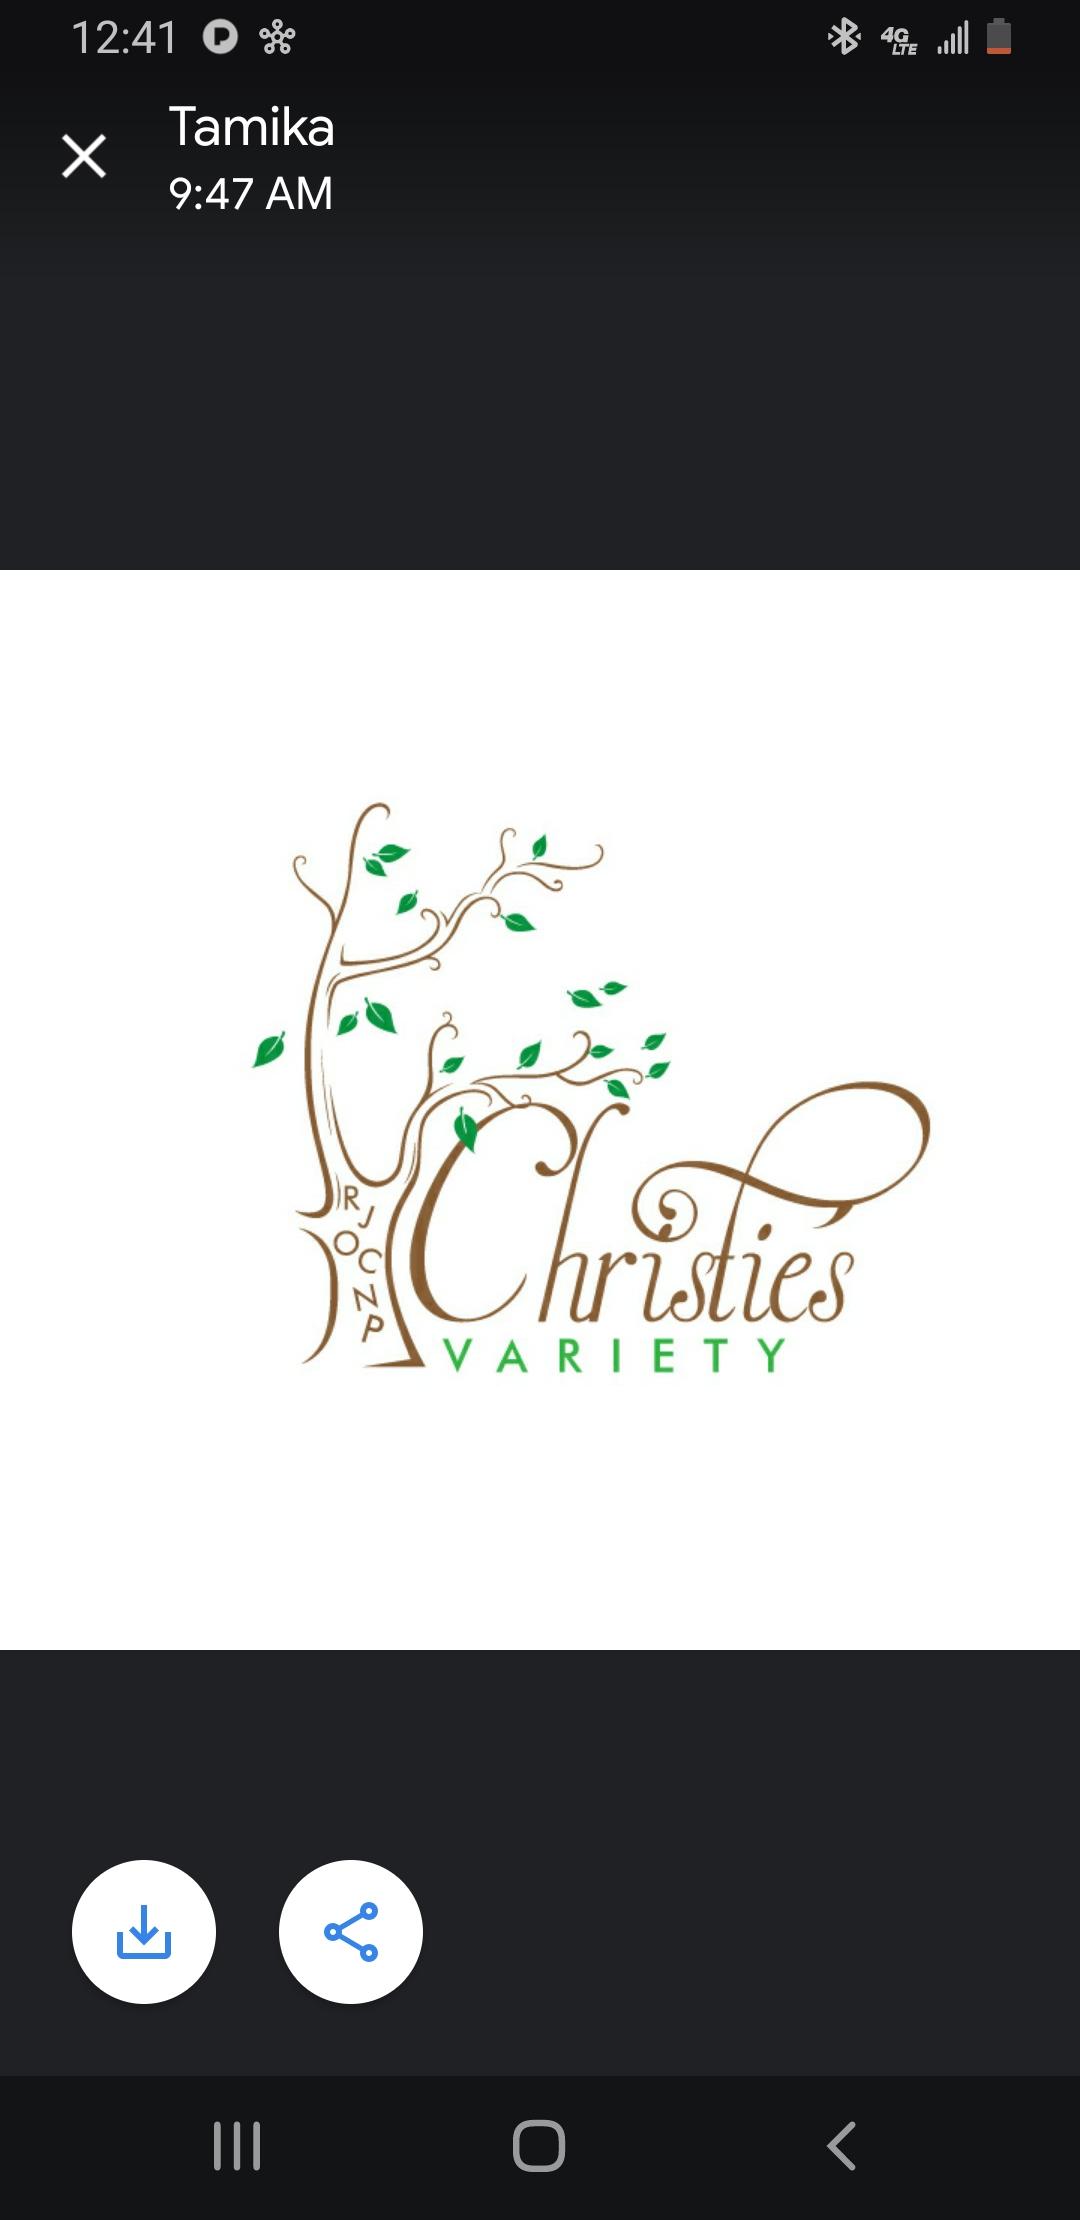 Christie's varieties LLC